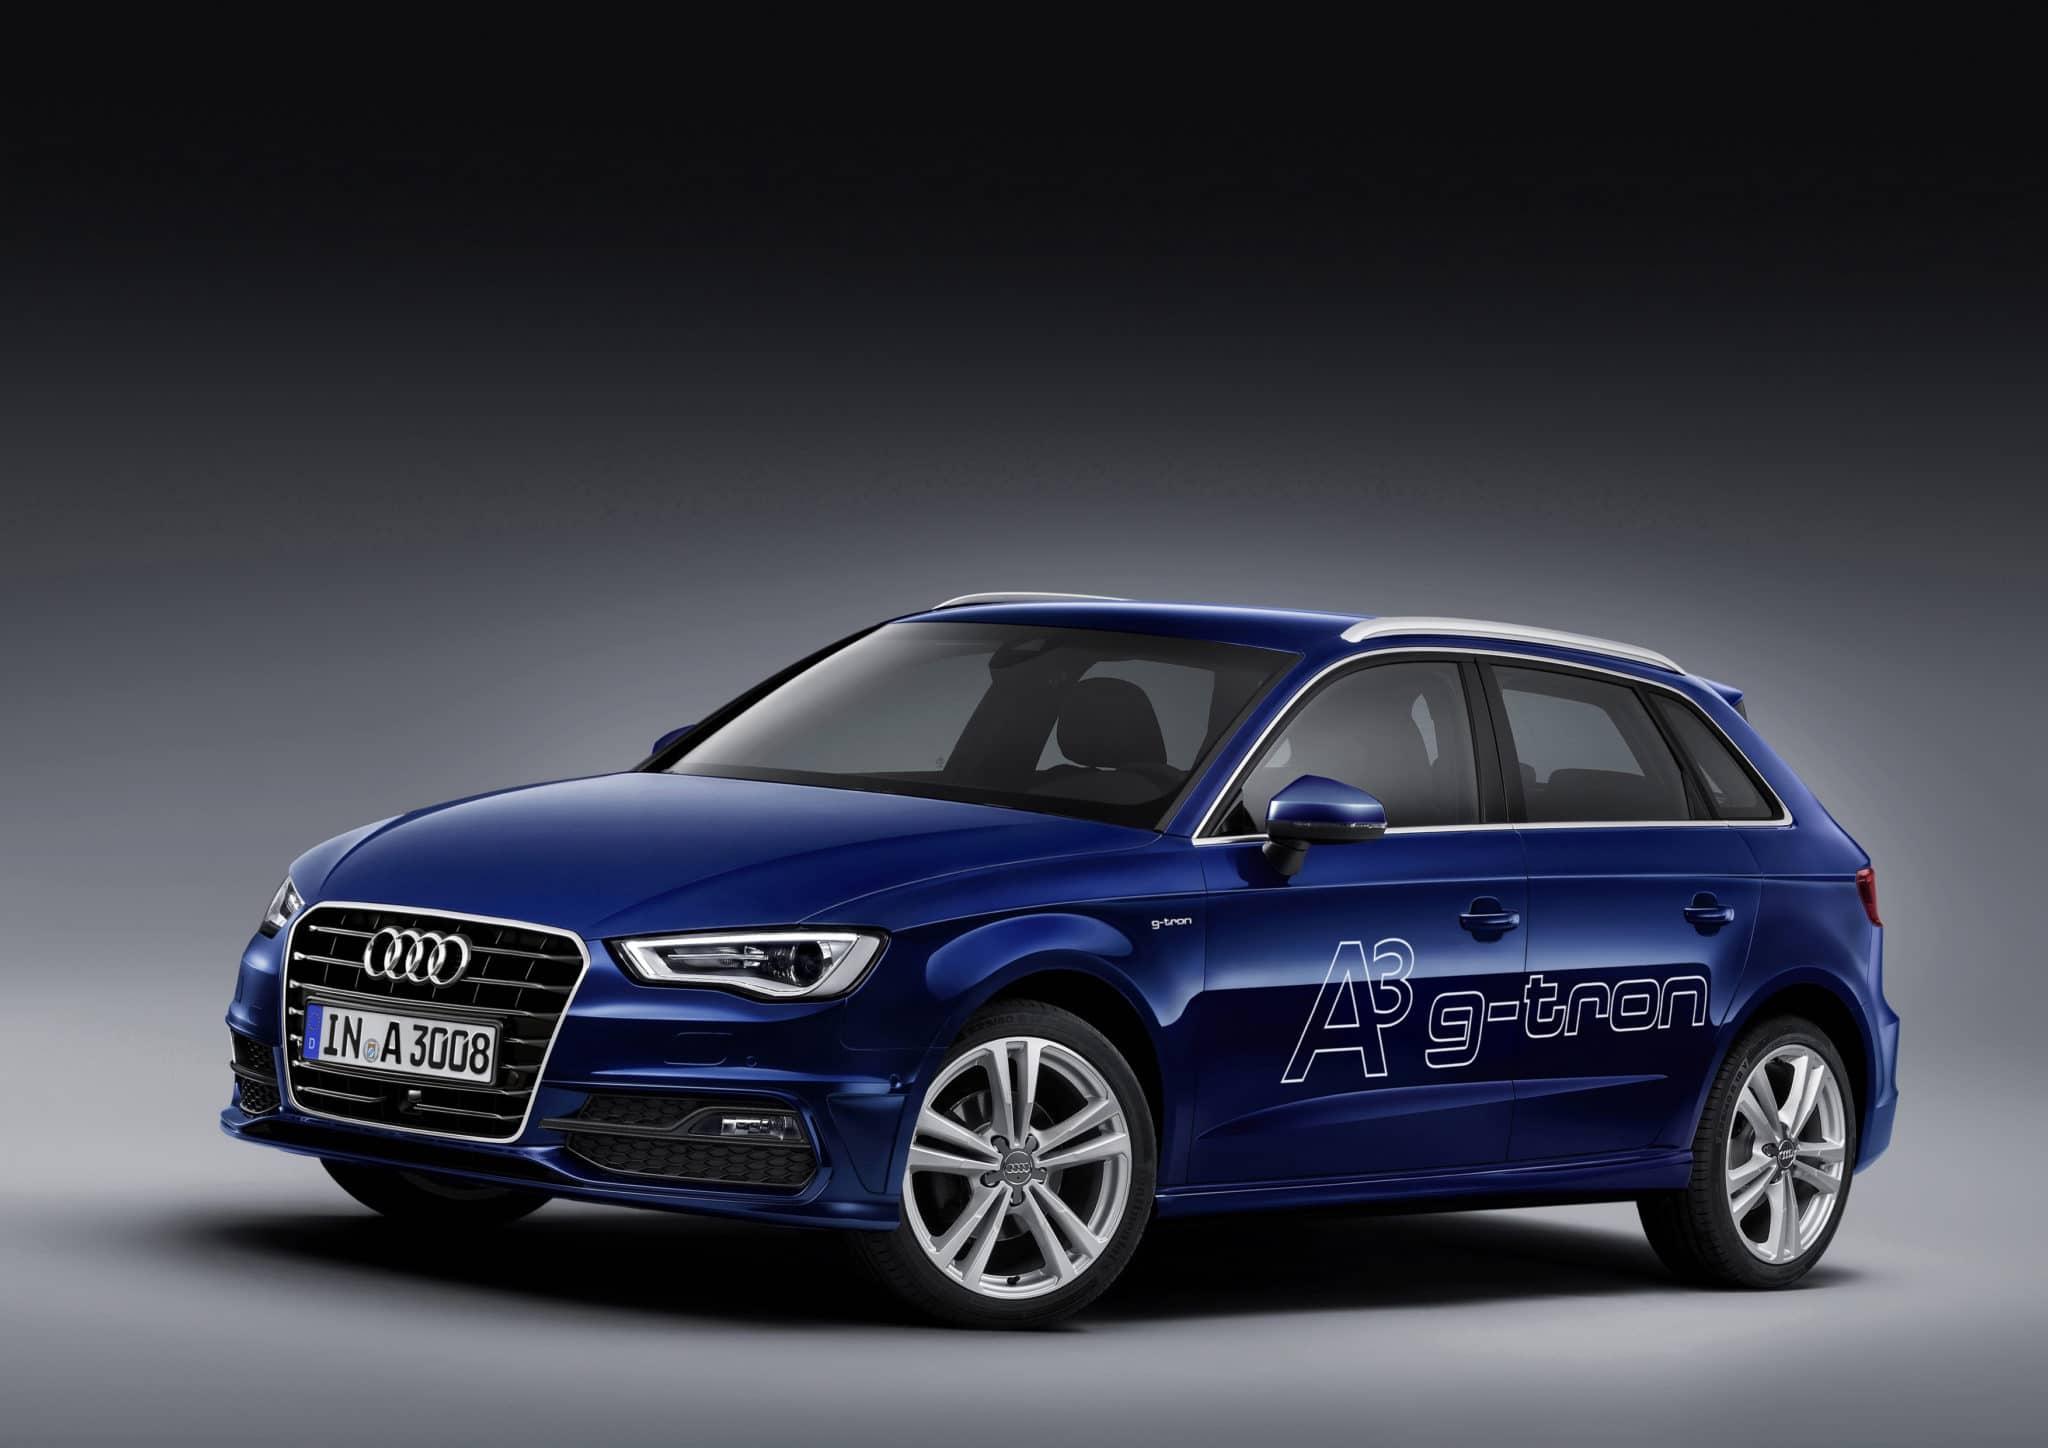 Nuova Audi A3 Sportback g-tron: una cinque porte compatta e sostenibile